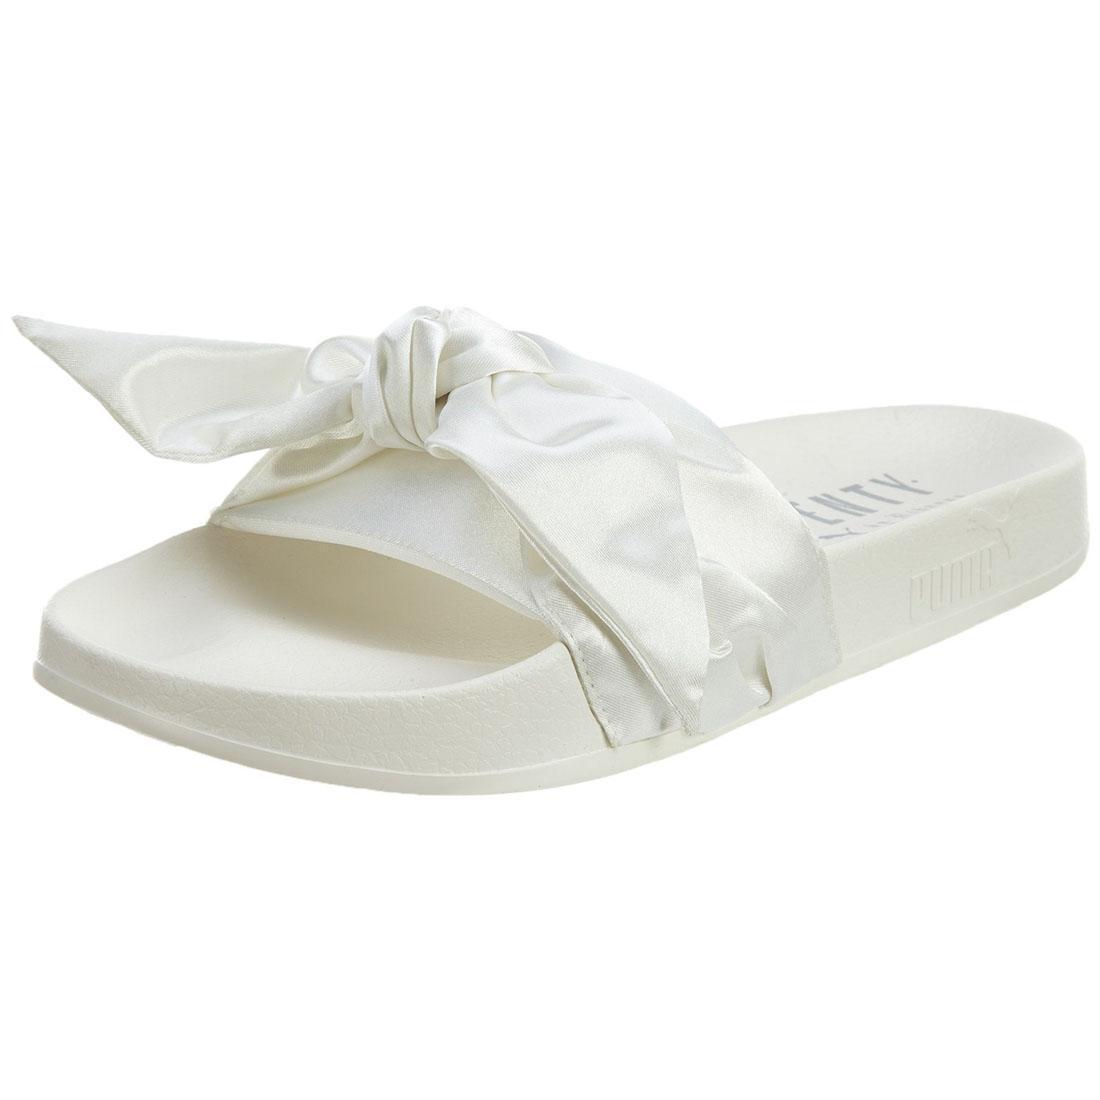 PUMA Fenty X By Rihanna Womens Bow Slides Ladies White Flip Flops ... dde155443fa